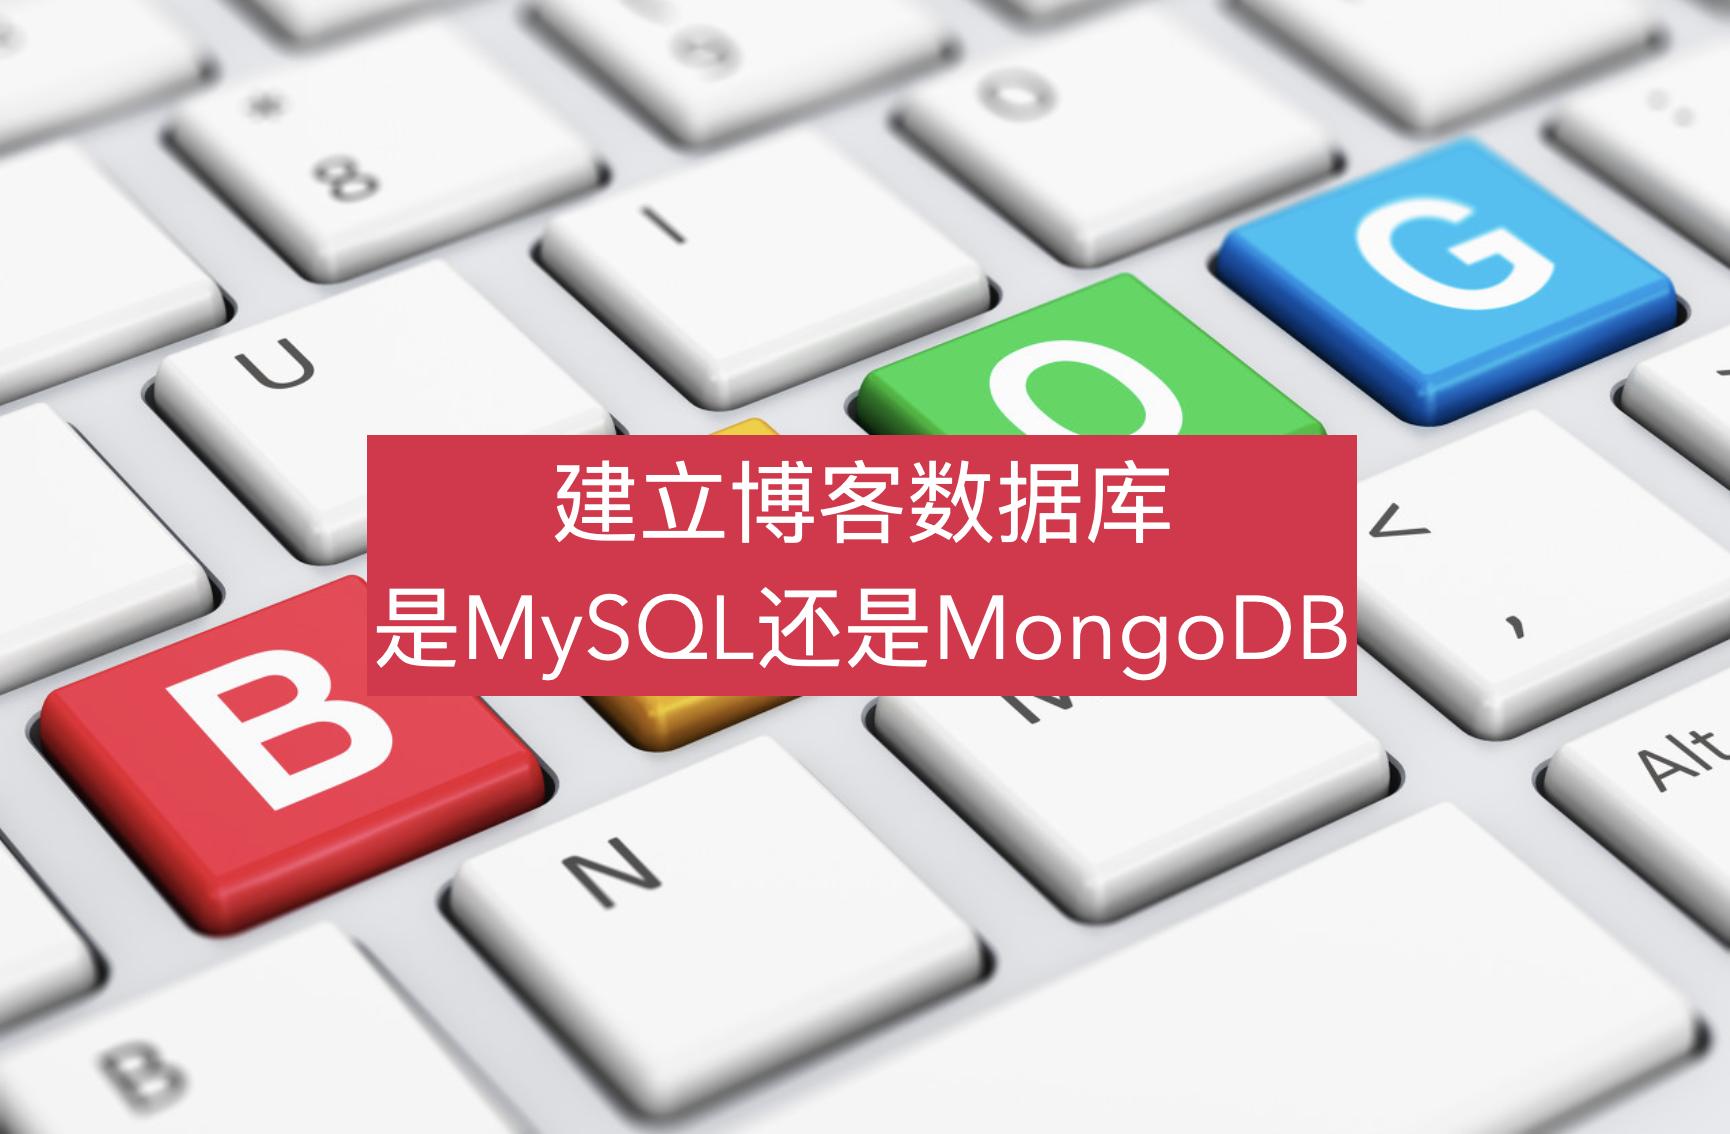 建立博客数据库并连接ES用MySQL还是MongoDB更合理